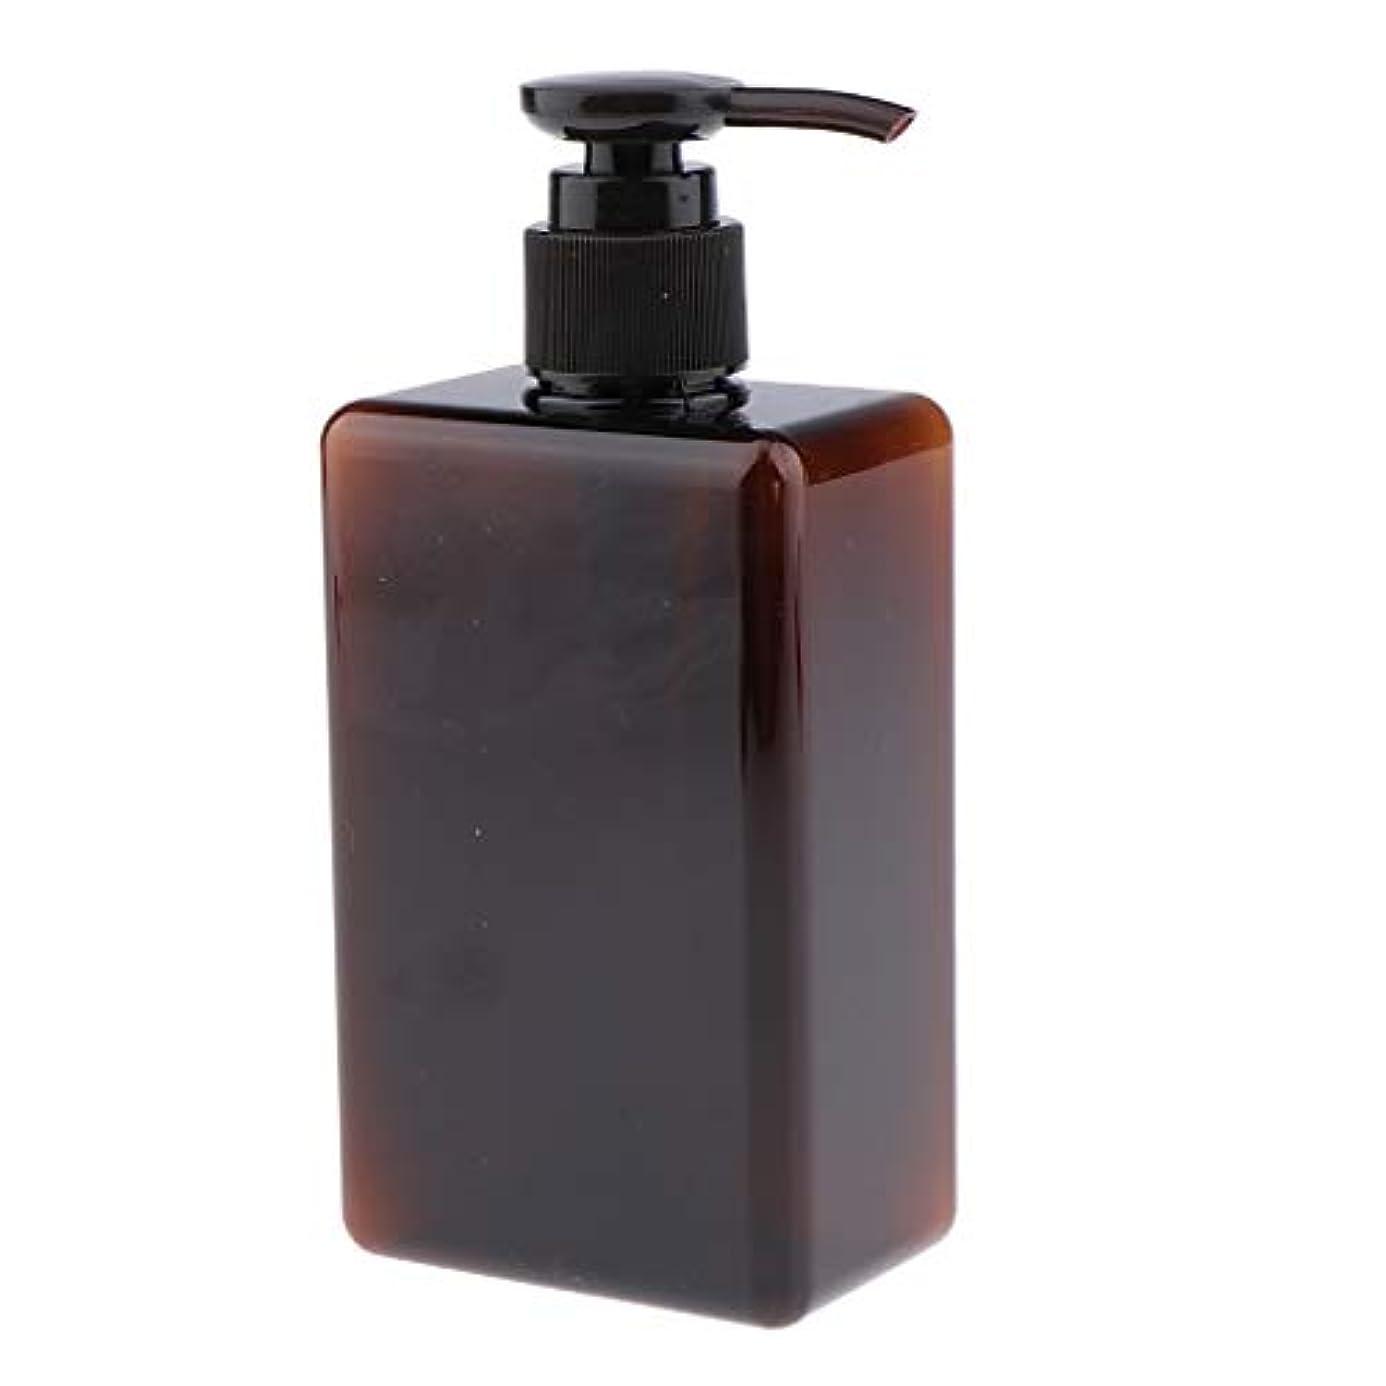 胸洞察力のある証言280ml ポンプボトル 空ボトル 詰め替え容器 プラスチックボトル シャンプー 漏れ防止 全4色 - 褐色